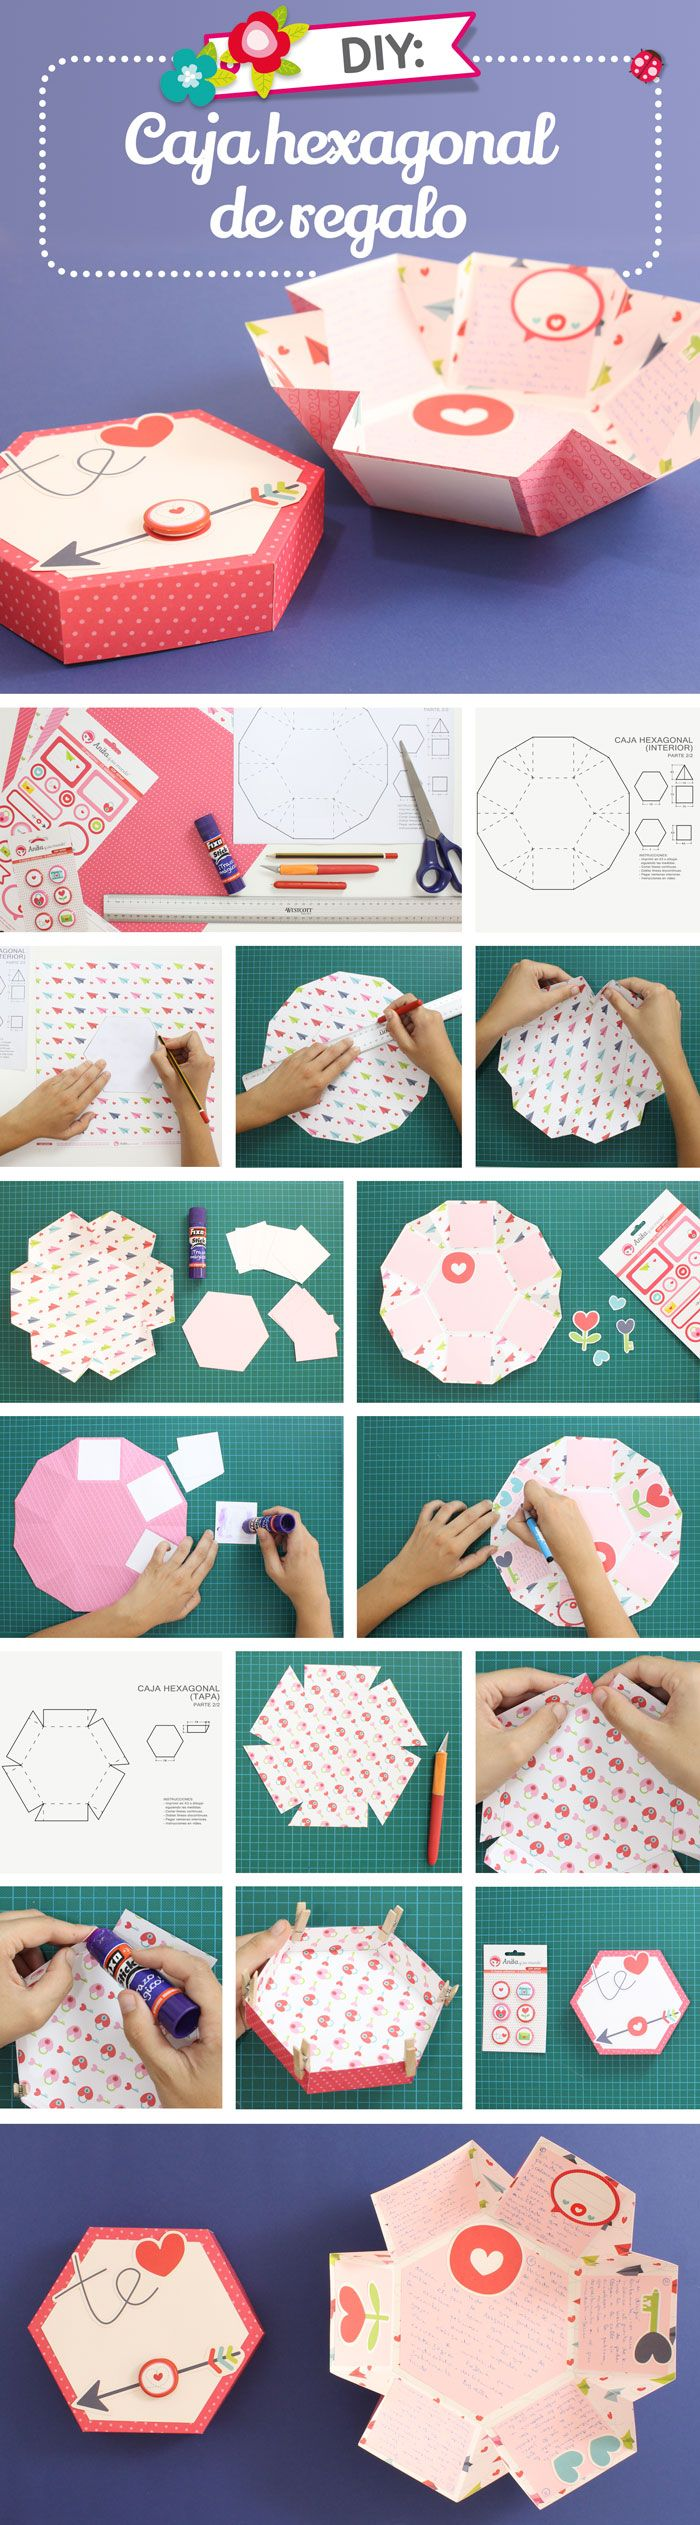 Aprender a realizar aquí una caja de papel hexagonal paso a paso. Una original caja sorpresa hecha con papel y adornos scrap de Anita y su mundo.